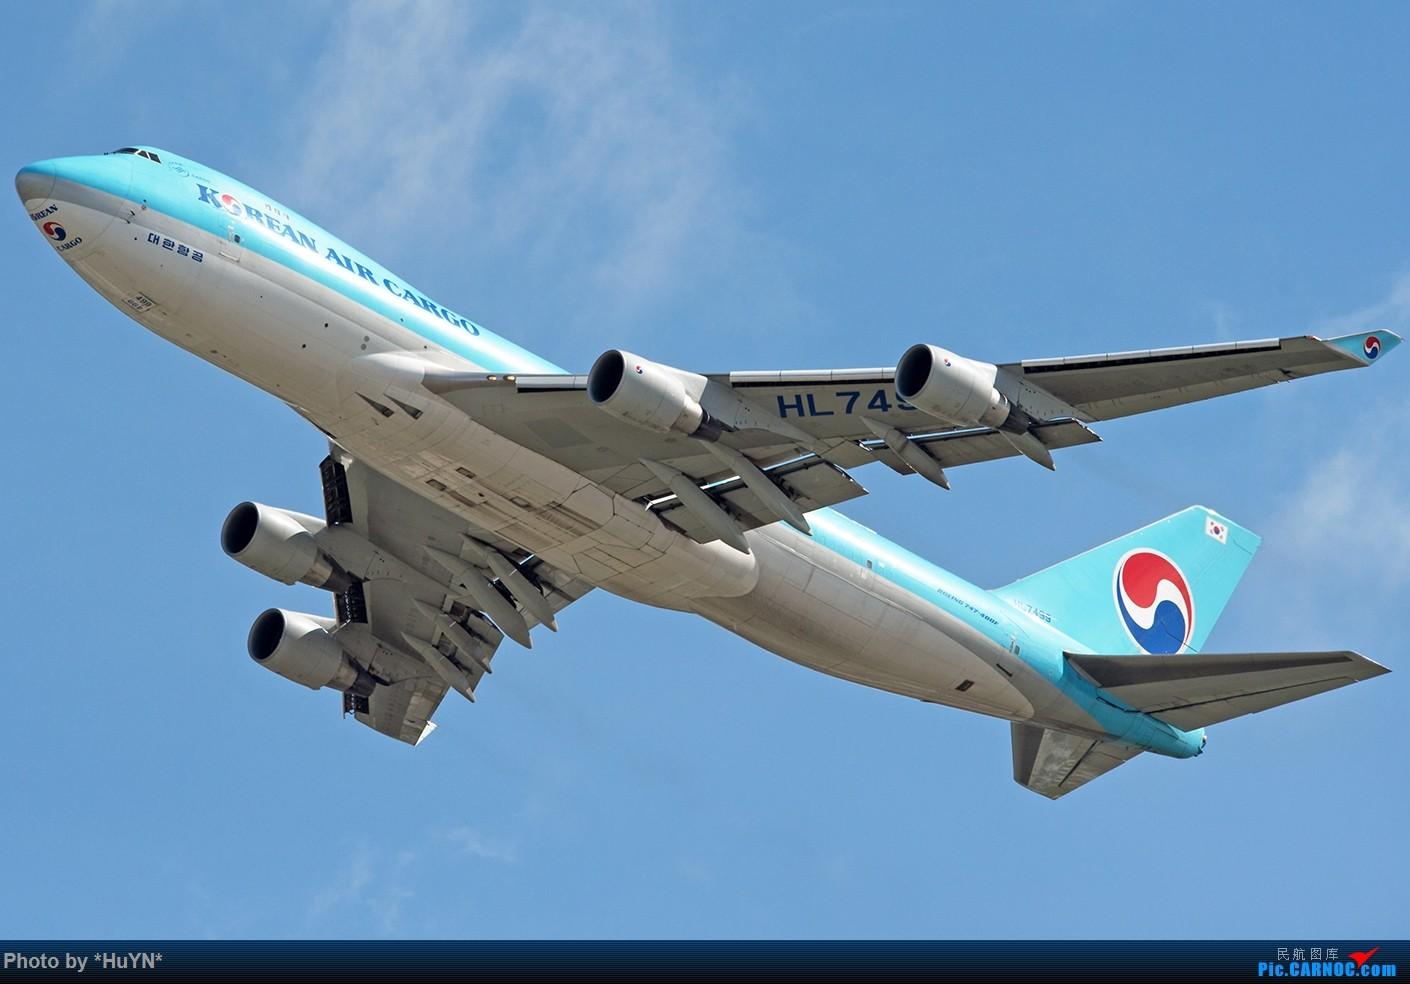 [原创]存货一组(不看后悔) BOEING 747-400 HL7499 中国香港赤鱲角国际机场